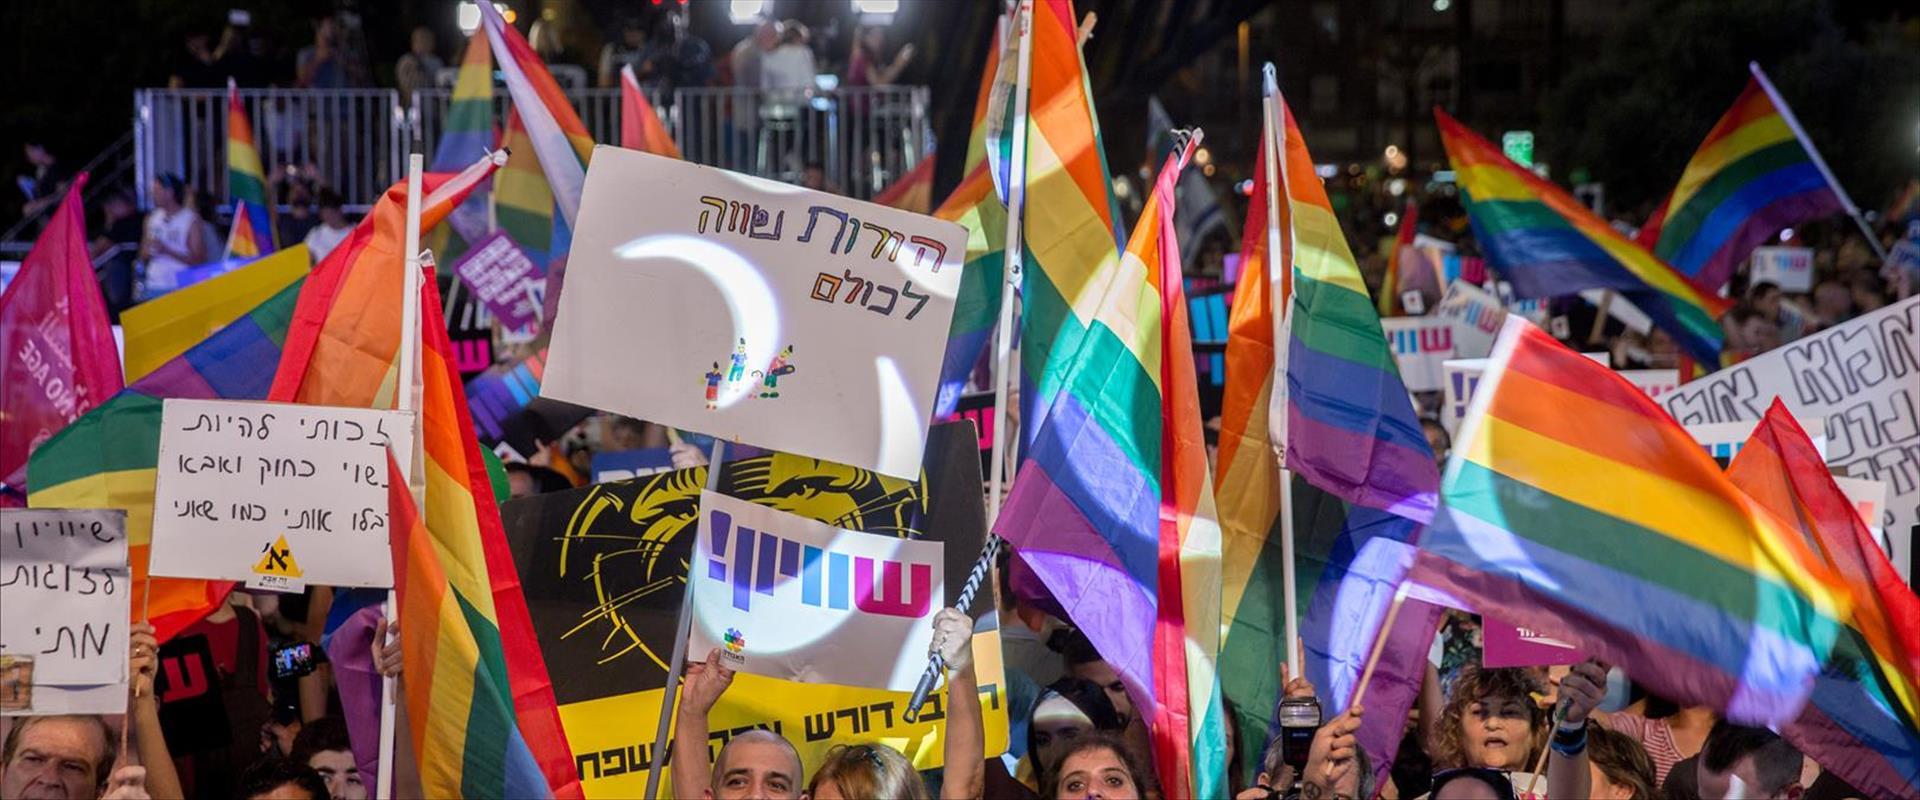 """הפגנה בת""""א למען זכויות הלהט""""ב, בשנה שעברה"""